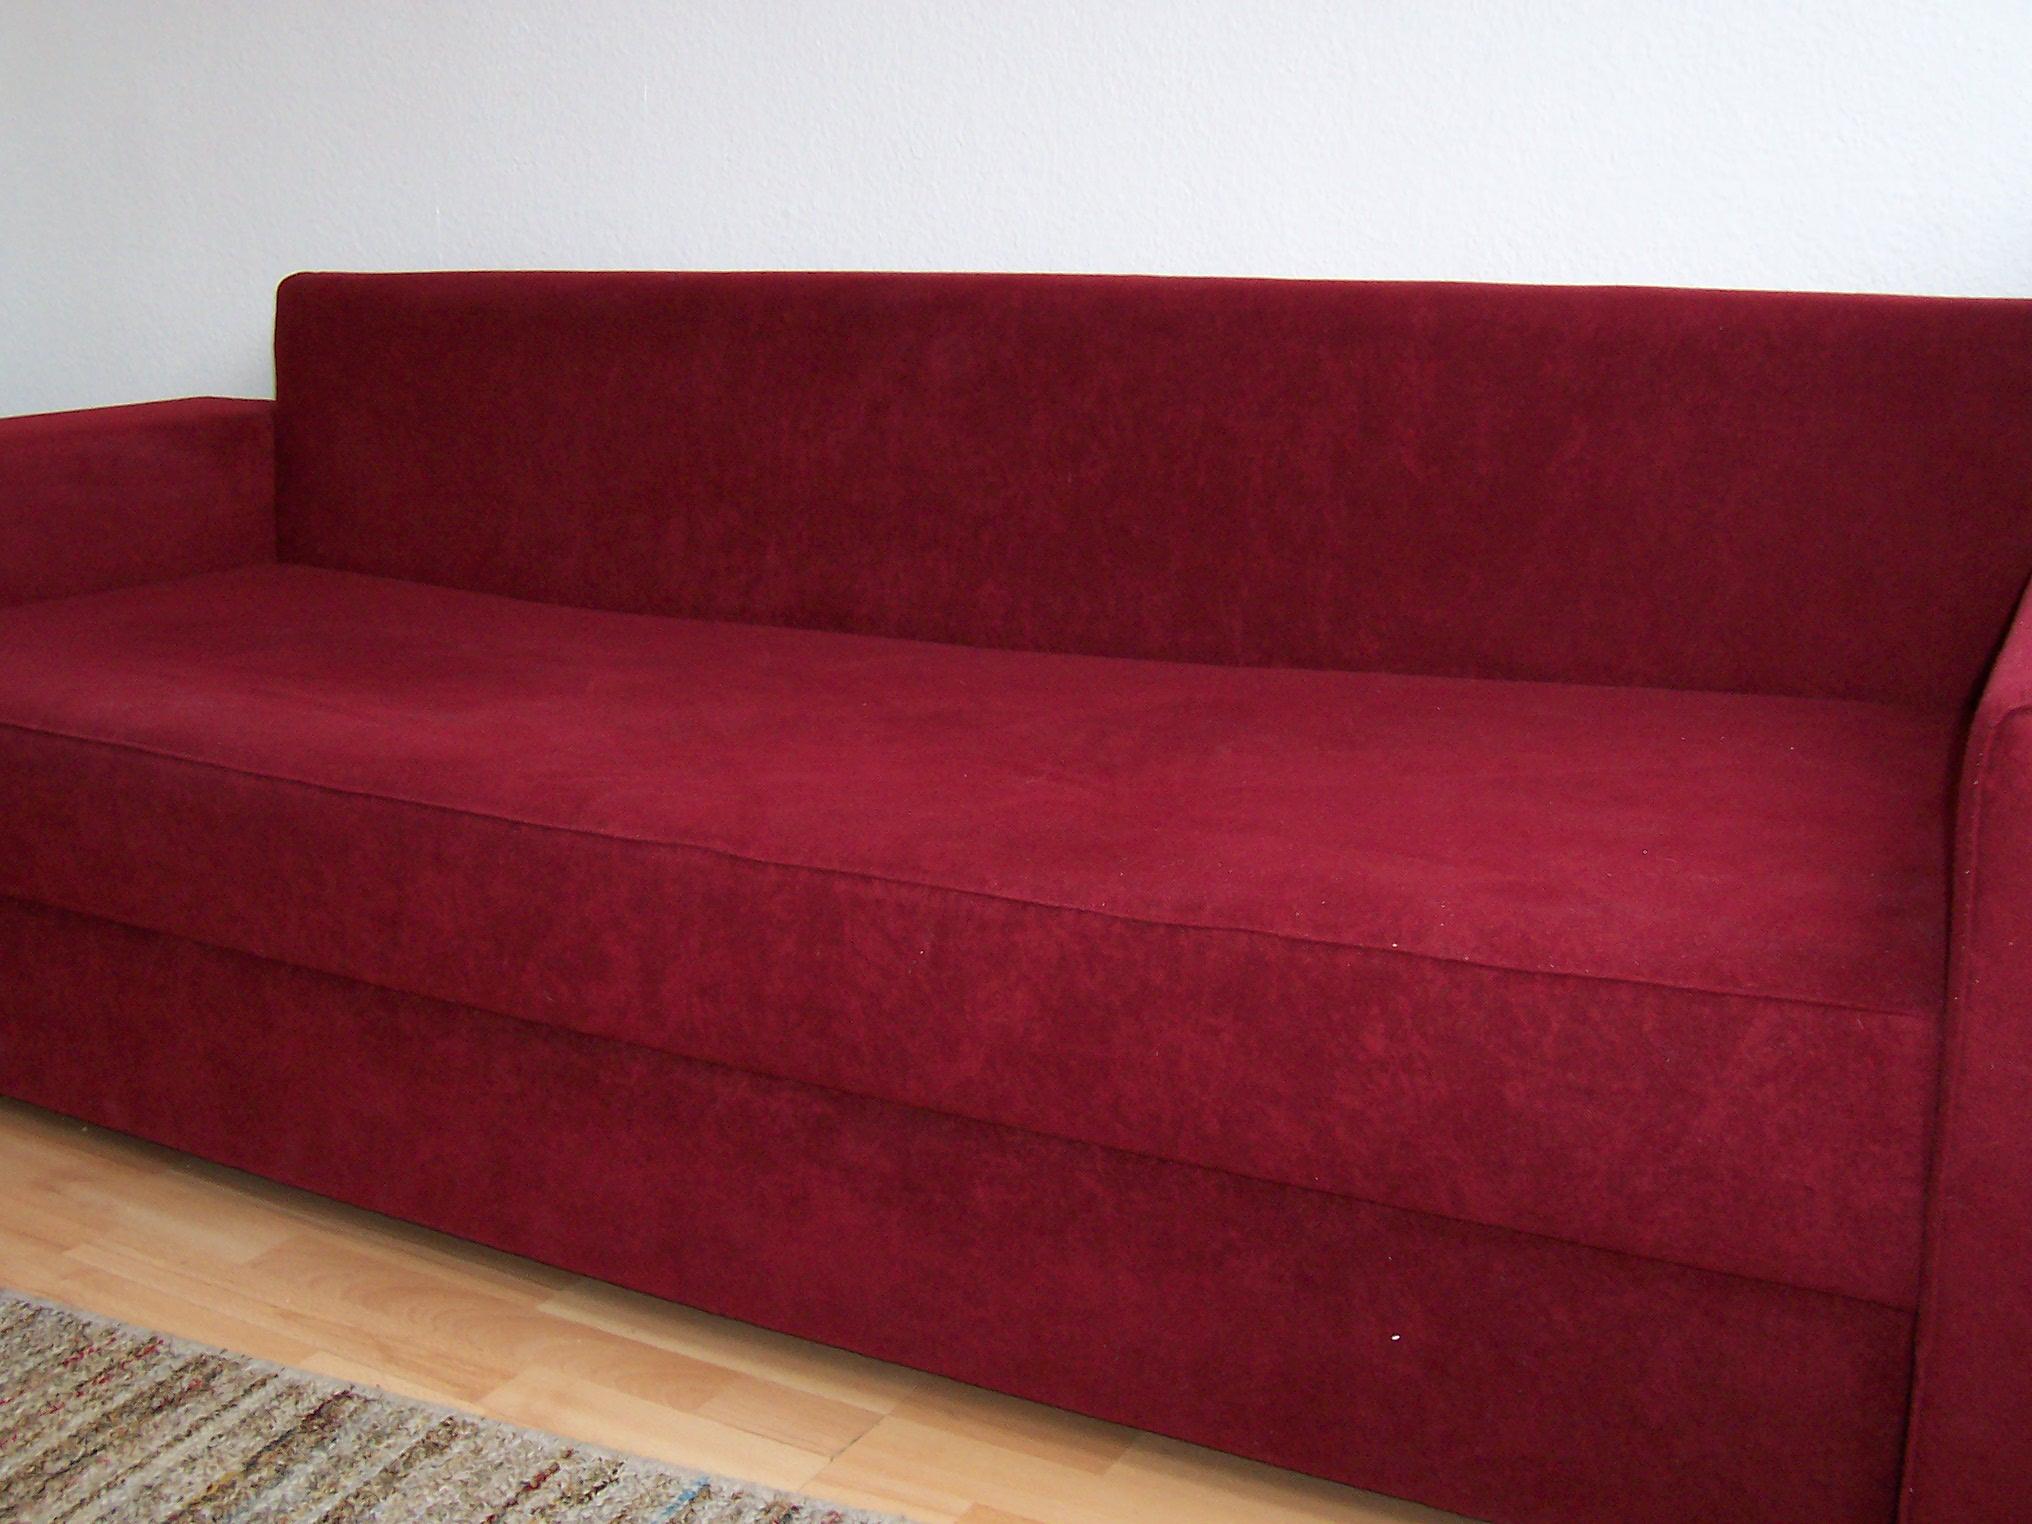 m bel und haushalt kleinanzeigen in frankfurt am main. Black Bedroom Furniture Sets. Home Design Ideas